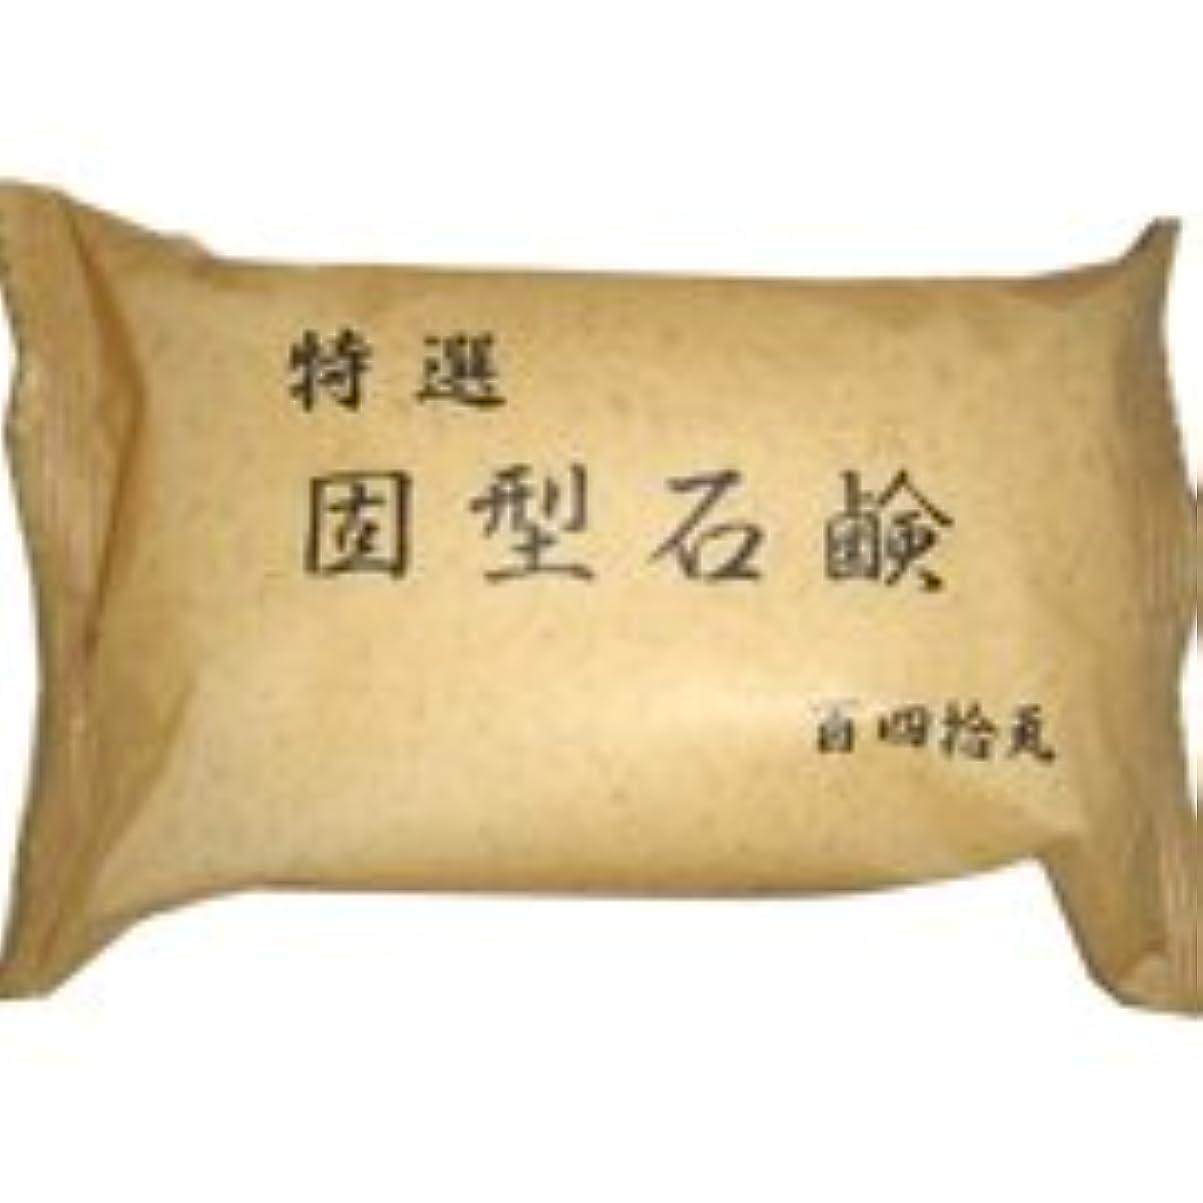 素朴なコールベリー特選 固型石鹸 140g    エスケー石鹸